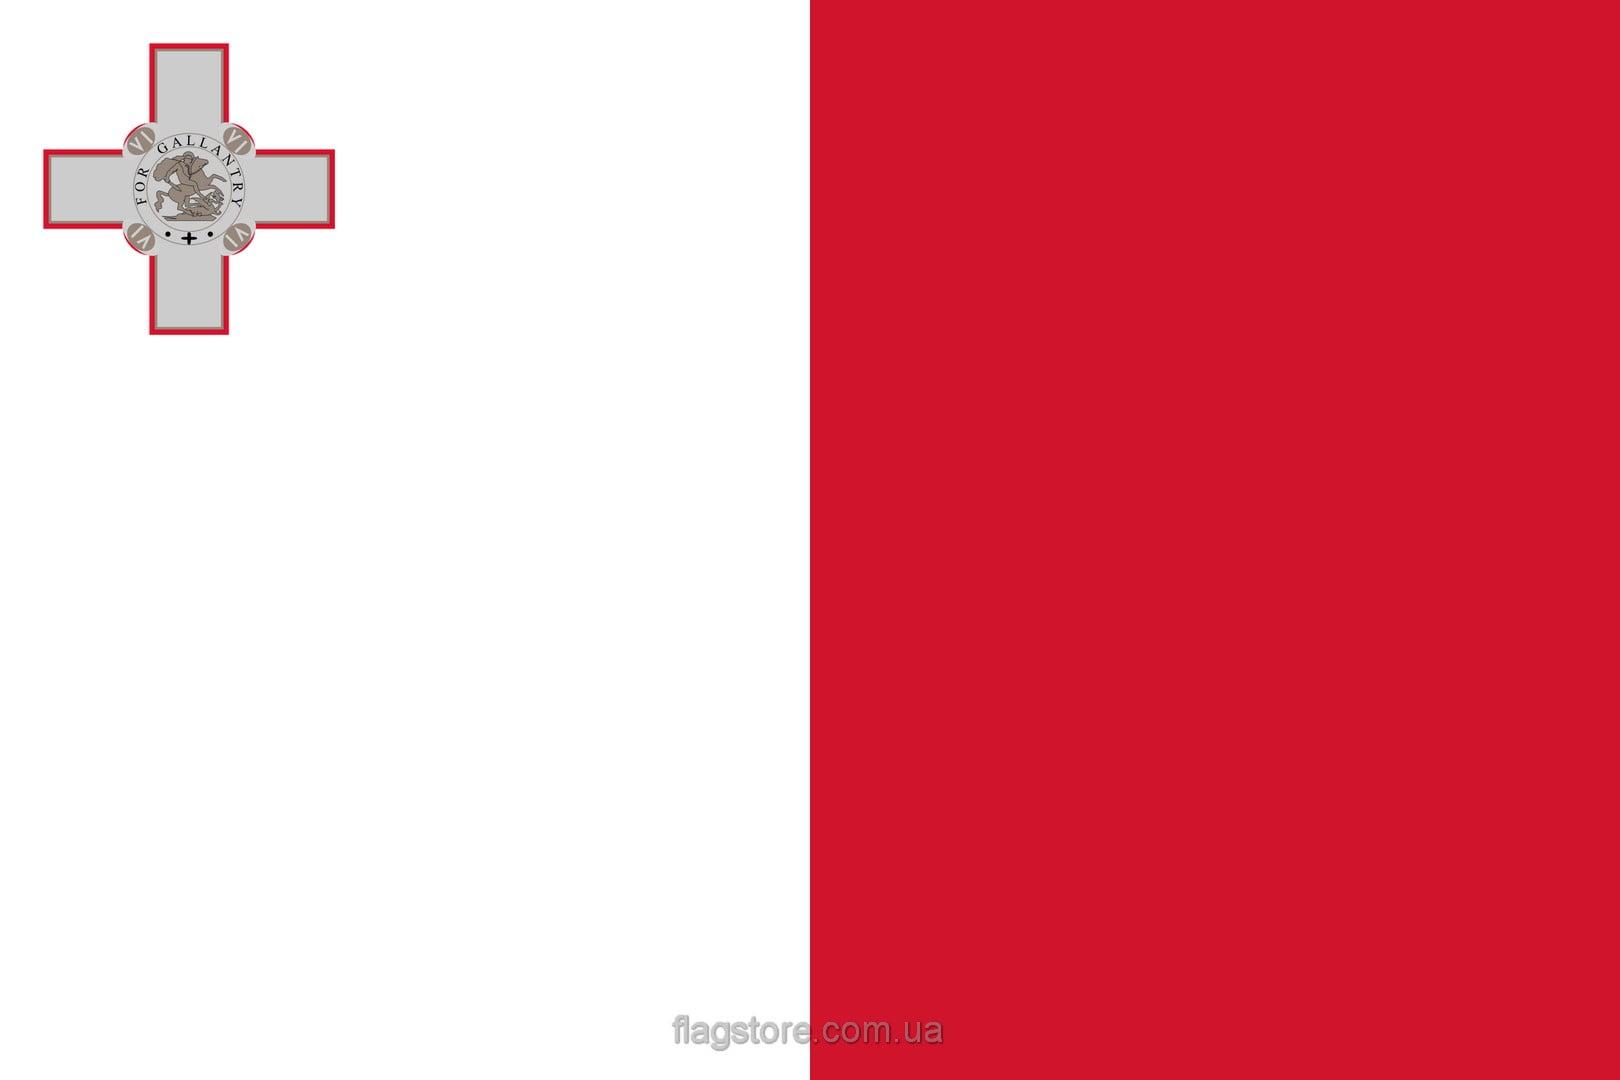 Купить флаг Мальты (страны Мальта)